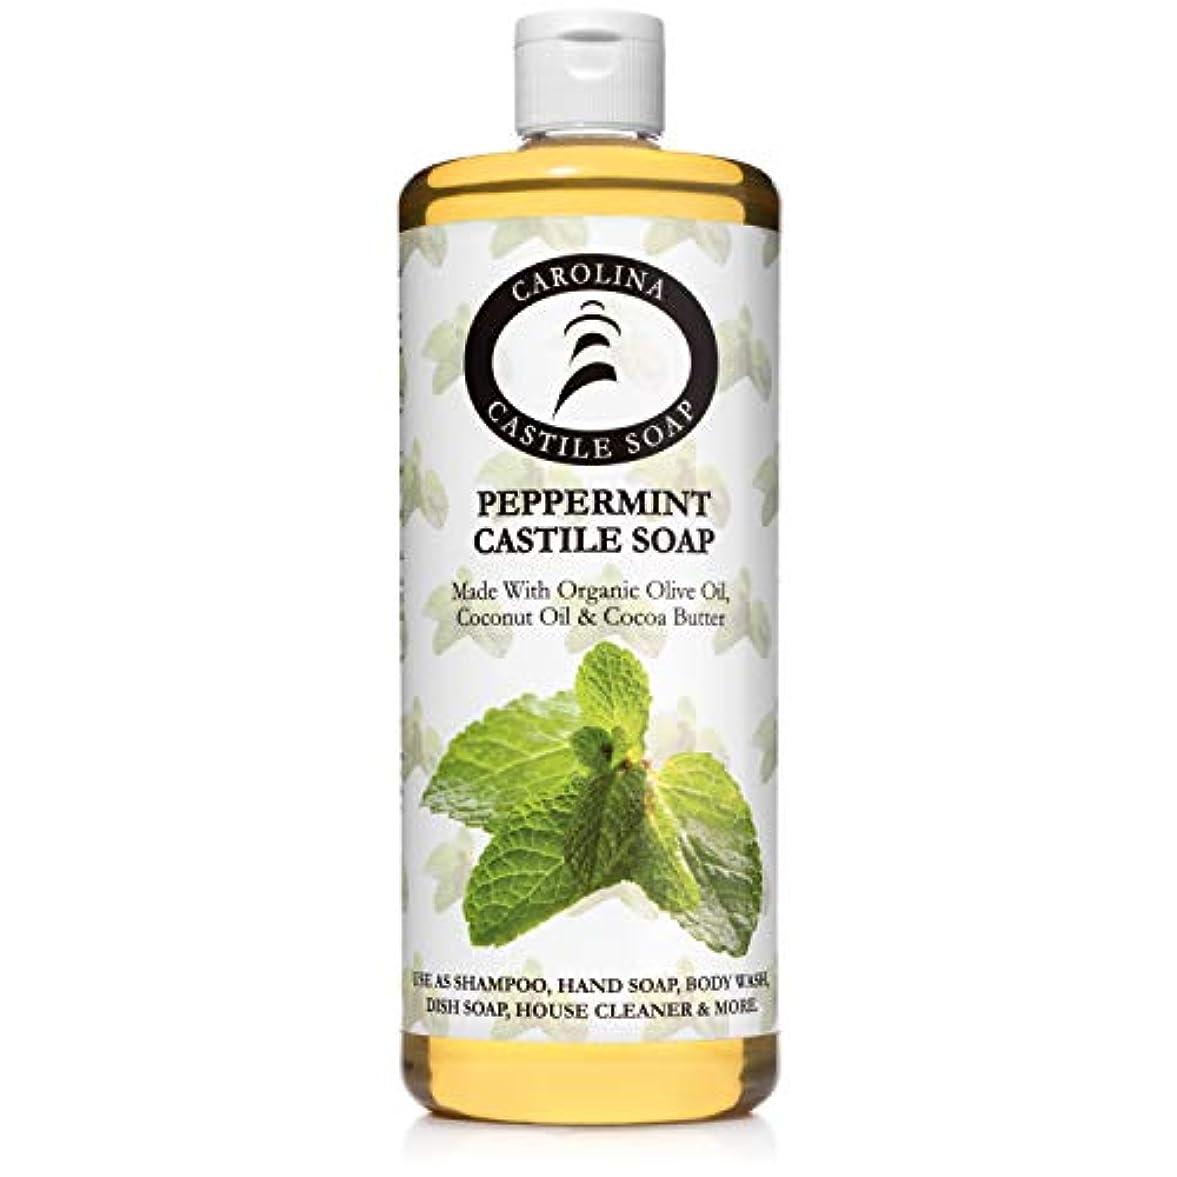 安全な謙虚な記述するCarolina Castile Soap ペパーミントカスティーリャ石鹸オーガニックココアバターカロライナ州カスティーリャ 32オズ